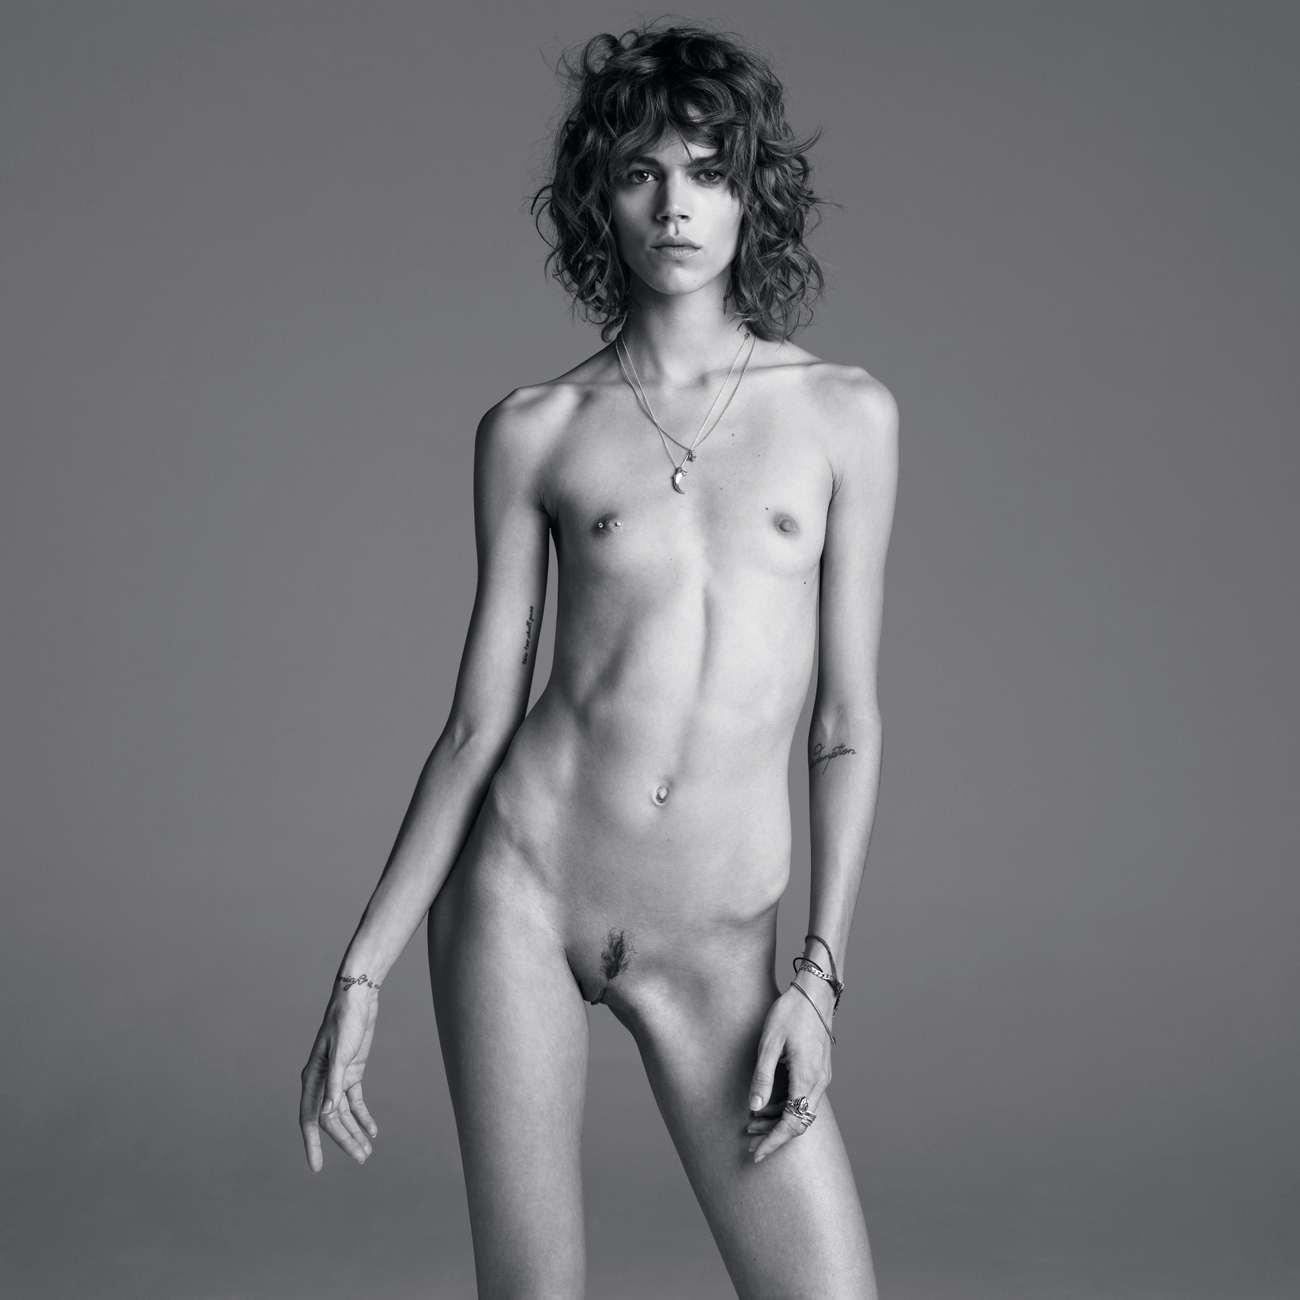 Худые высокие голые девушки фотографии 9 фотография